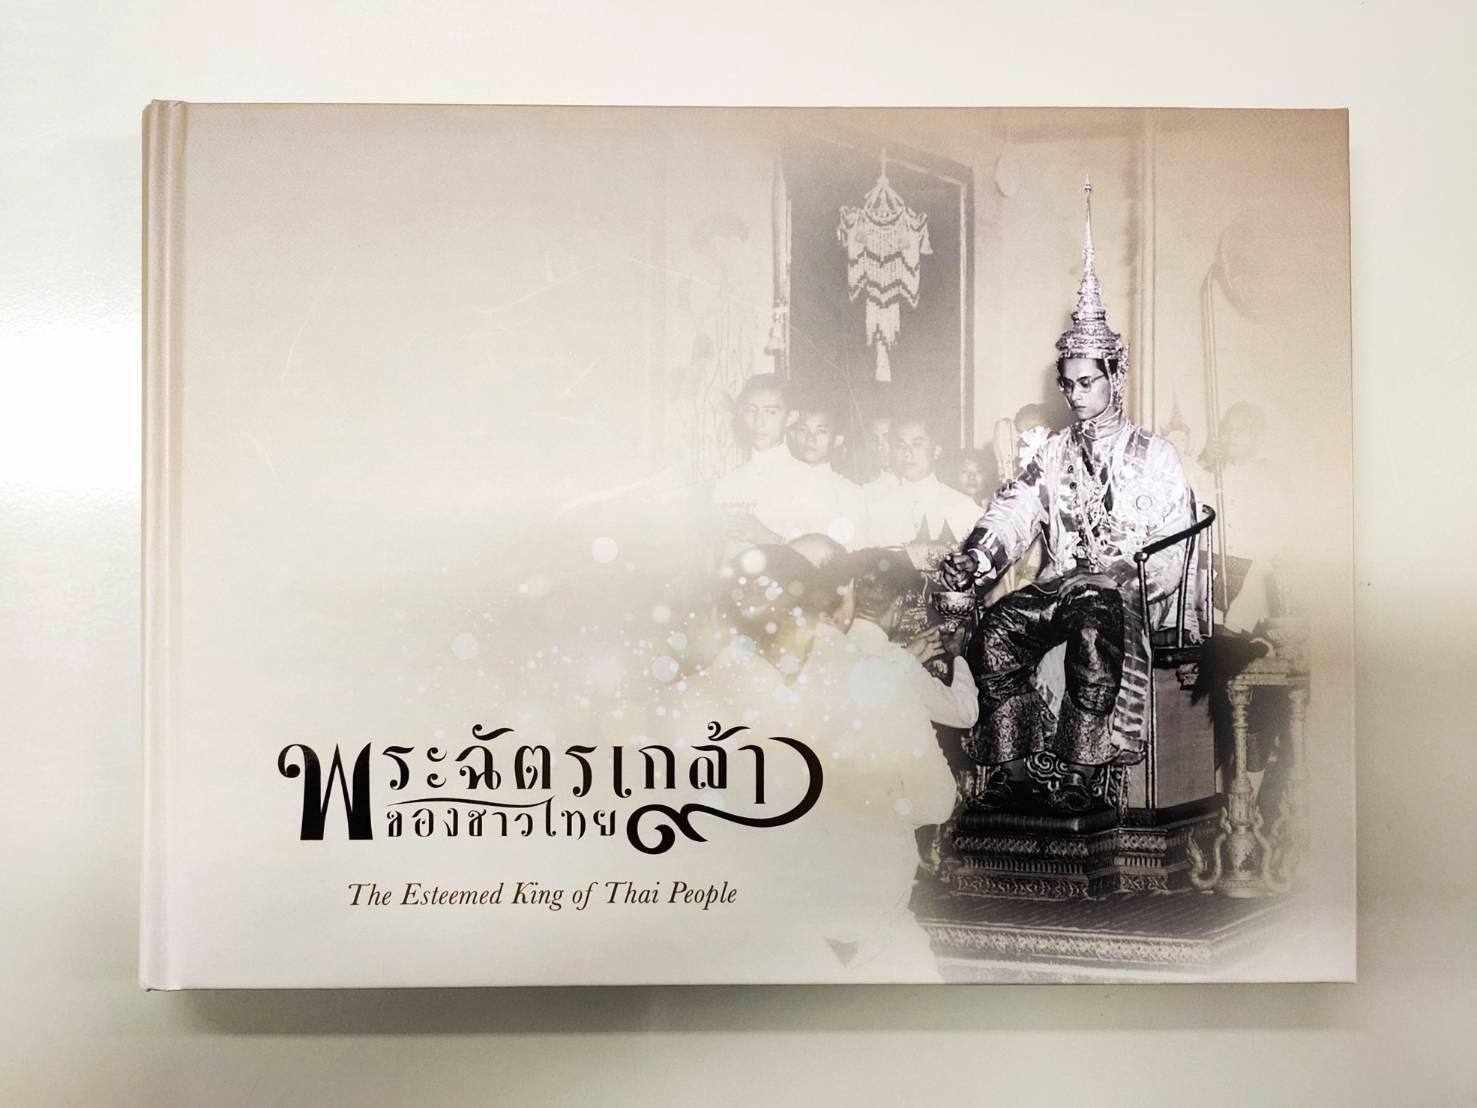 หนังสือพระฉัตรเกล้าของชาวไทย  The Esteemed King of Thai People